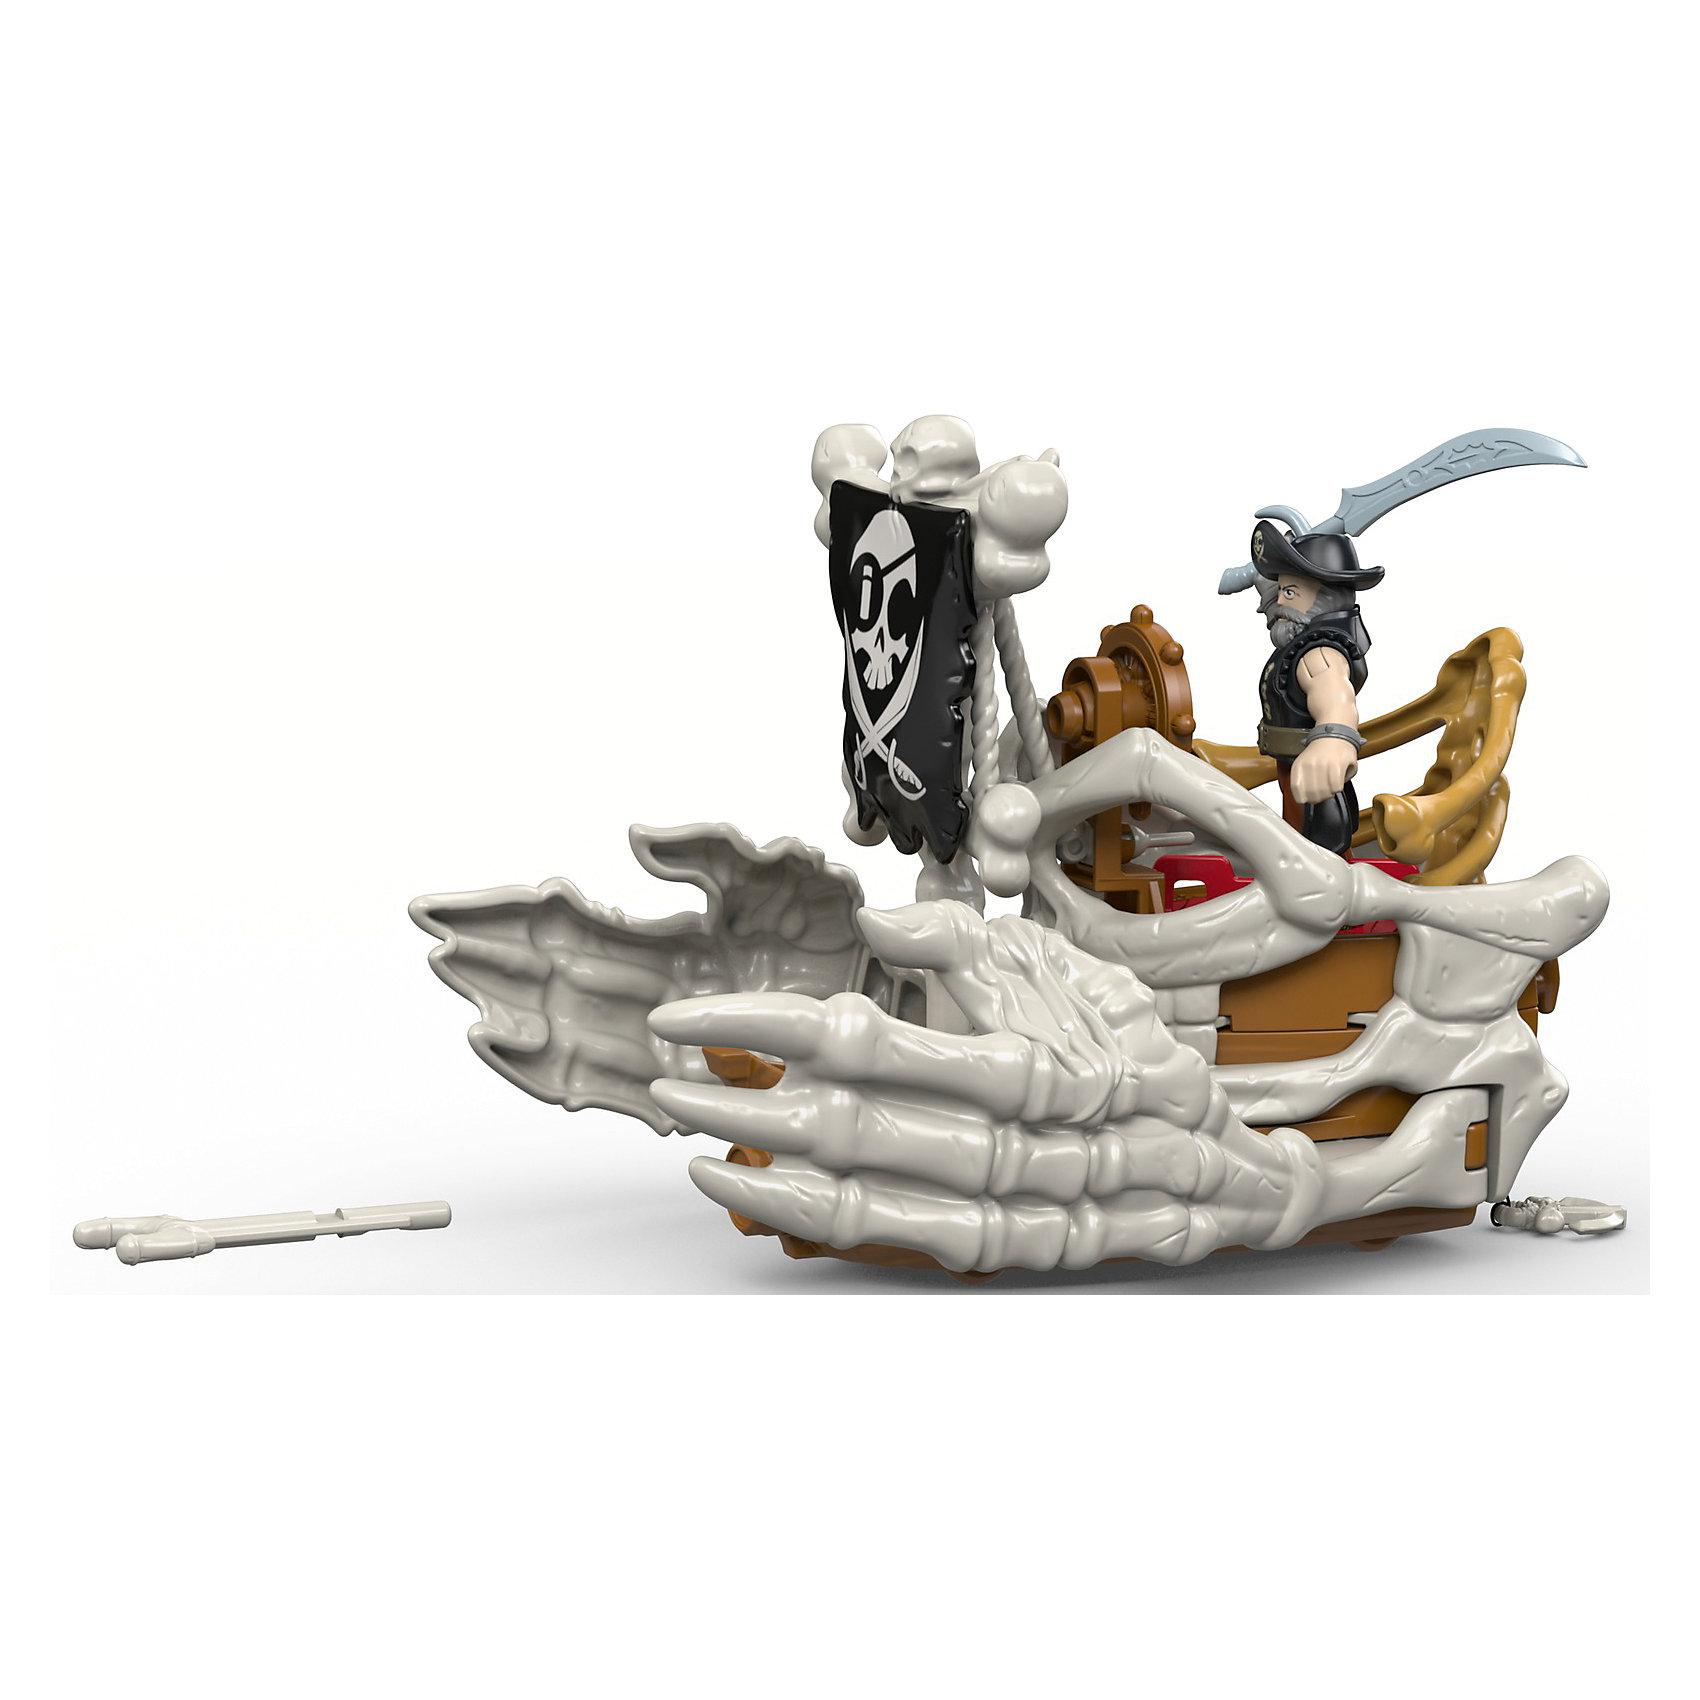 Набор Капитан Немо и скат Billy Bones Boat, Fisher Price, ImaginextКоллекционные и игровые фигурки<br><br><br>Ширина мм: 215<br>Глубина мм: 100<br>Высота мм: 190<br>Вес г: 464<br>Возраст от месяцев: 36<br>Возраст до месяцев: 96<br>Пол: Мужской<br>Возраст: Детский<br>SKU: 6976850